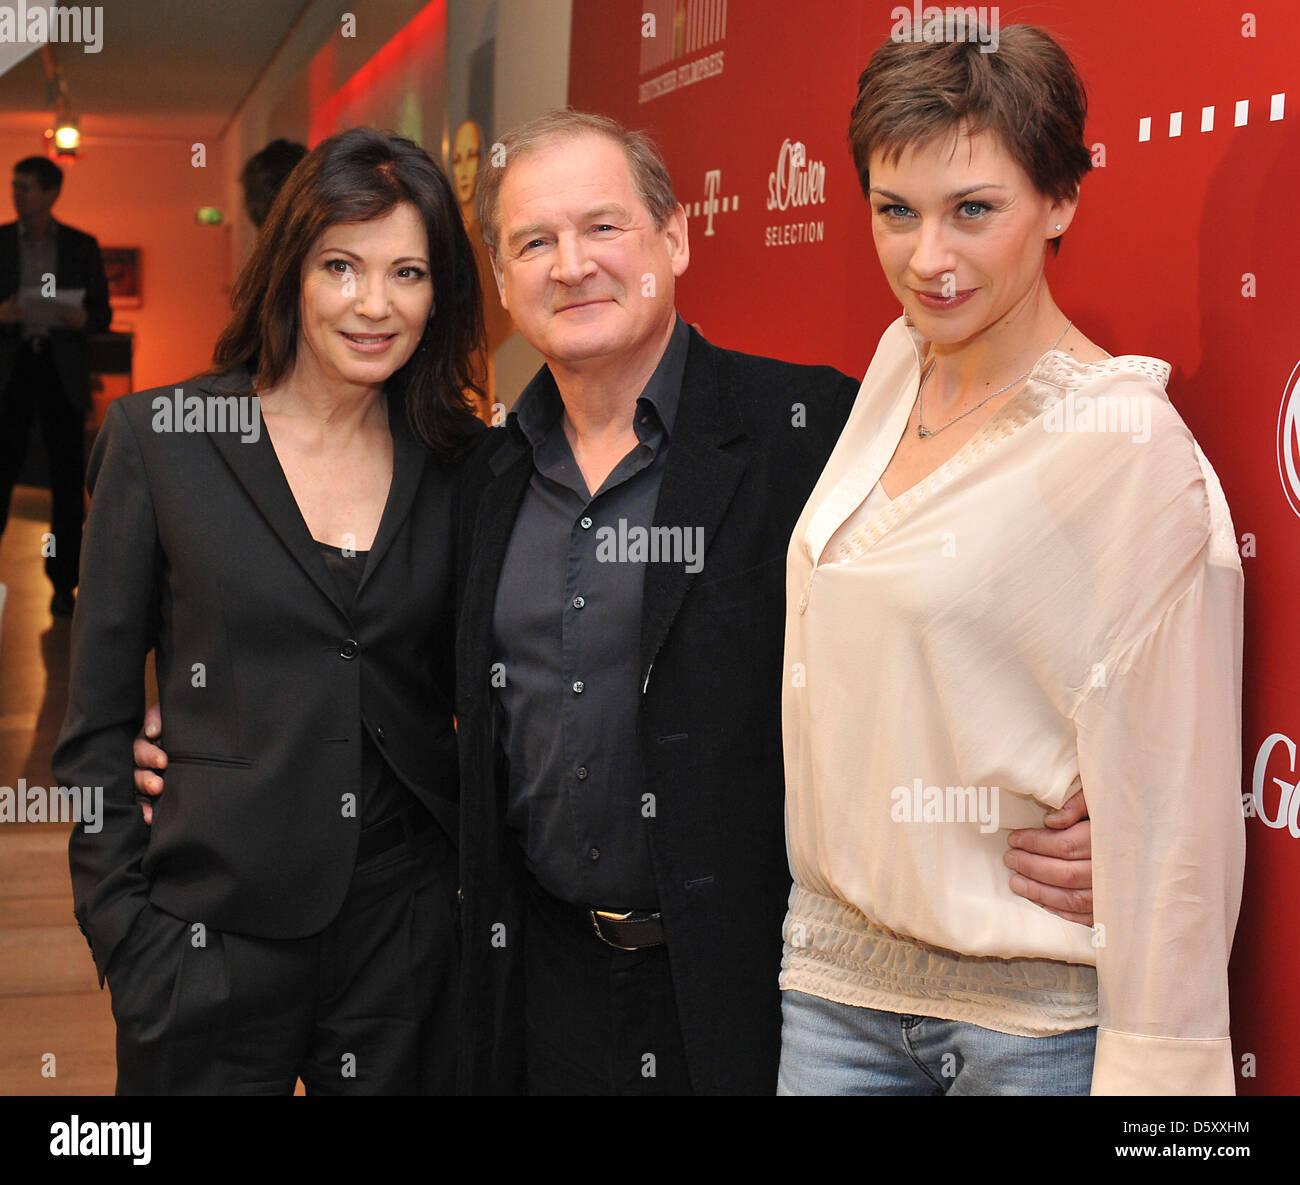 Iris Berben, Burghart Klaußner, Christiane Paul bei einem Fototermin für die Deustcher Filmpreis an Deutsche Stockbild